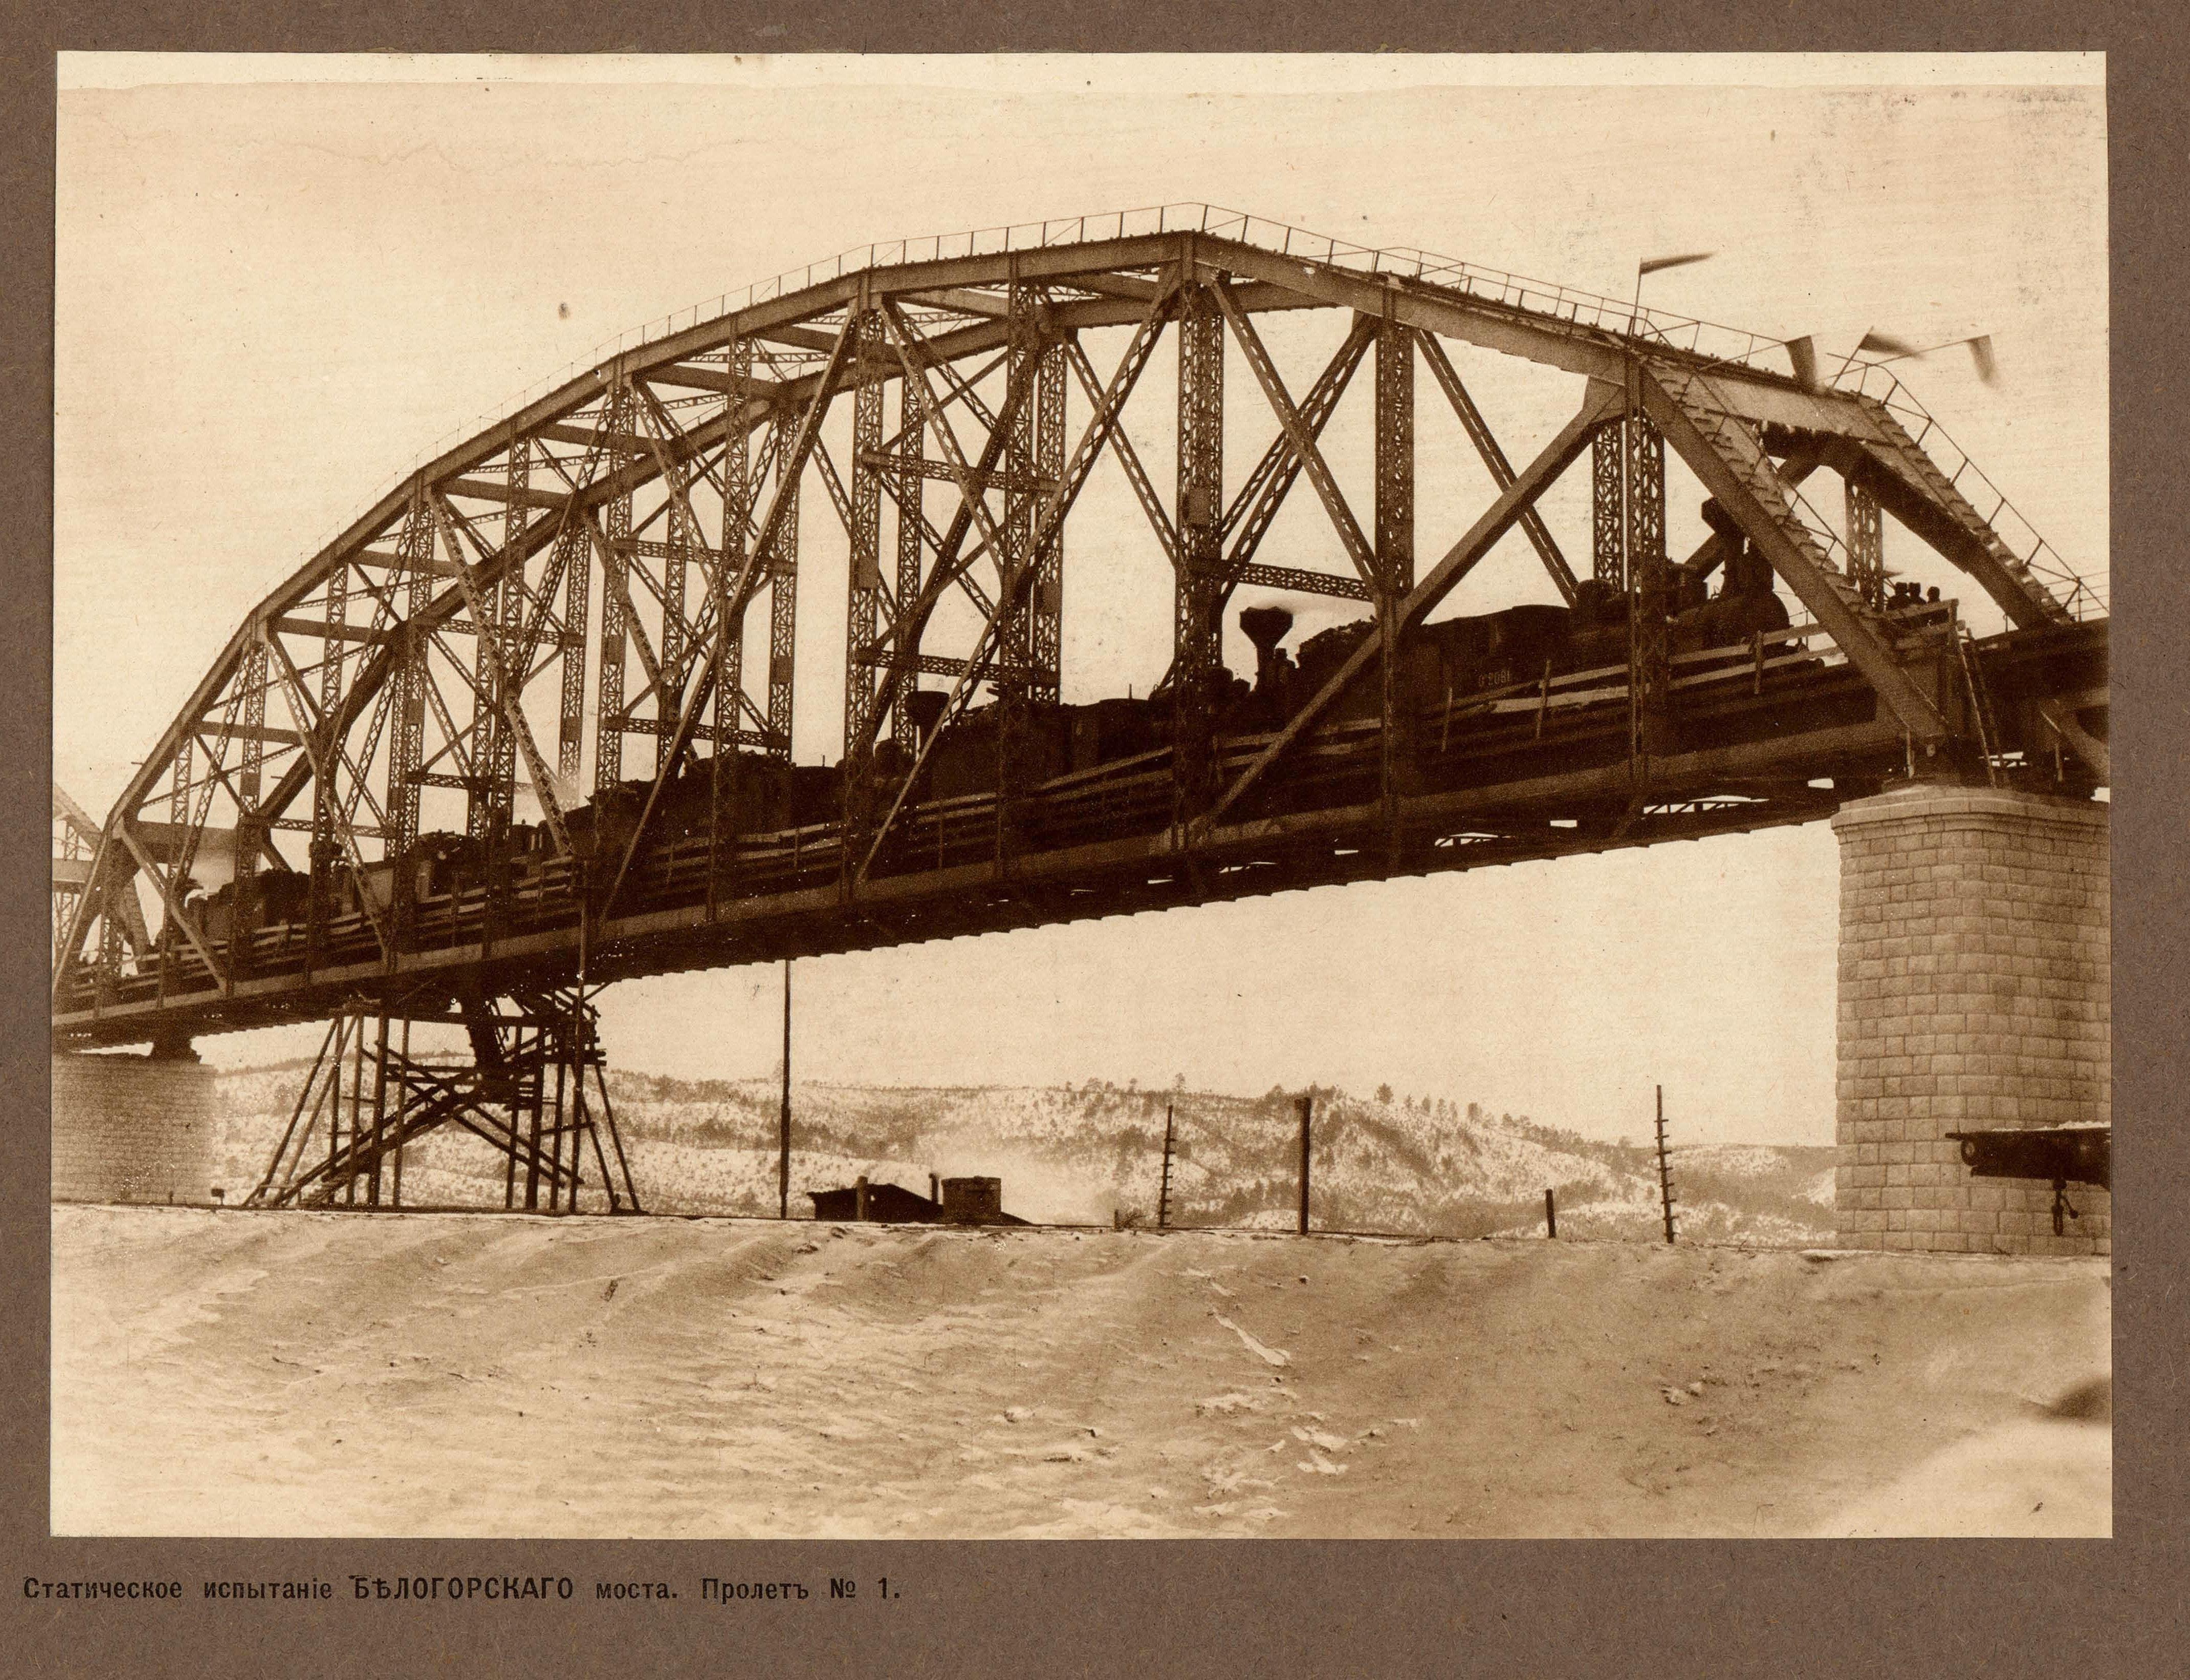 32. Статическое испытания моста. Пролет №1